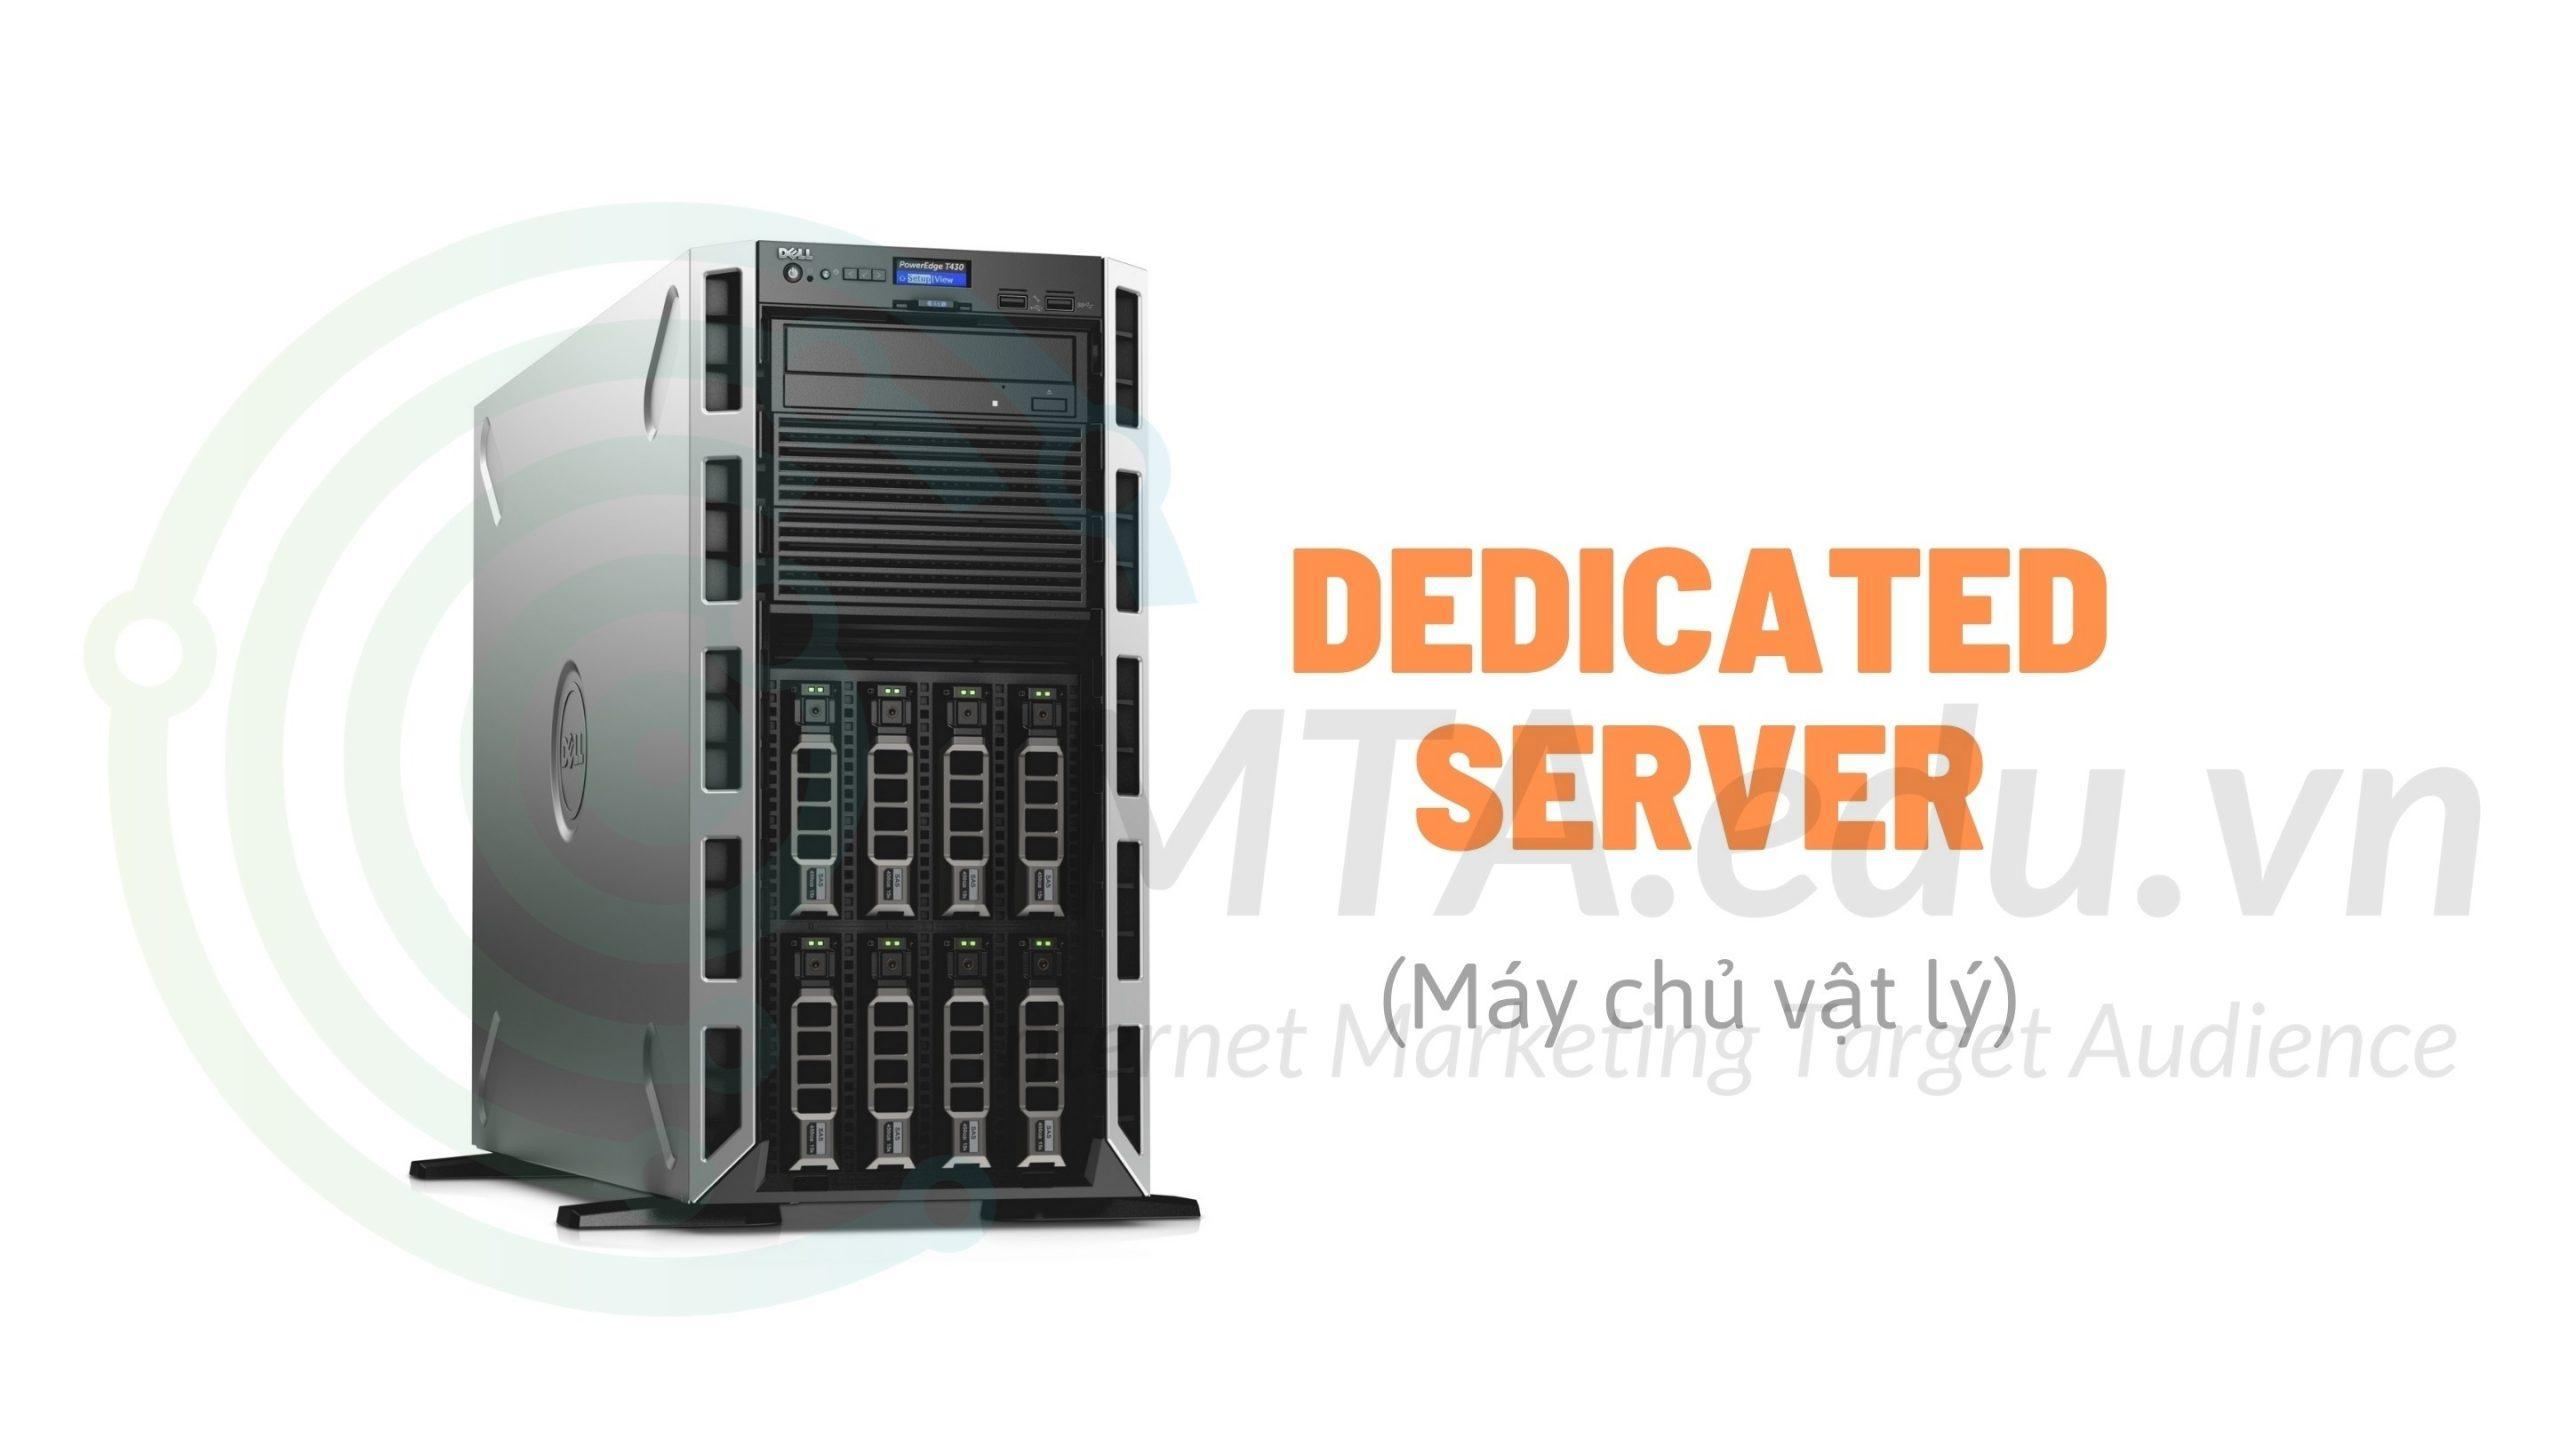 Dedicated server (máy chủ vật lý)